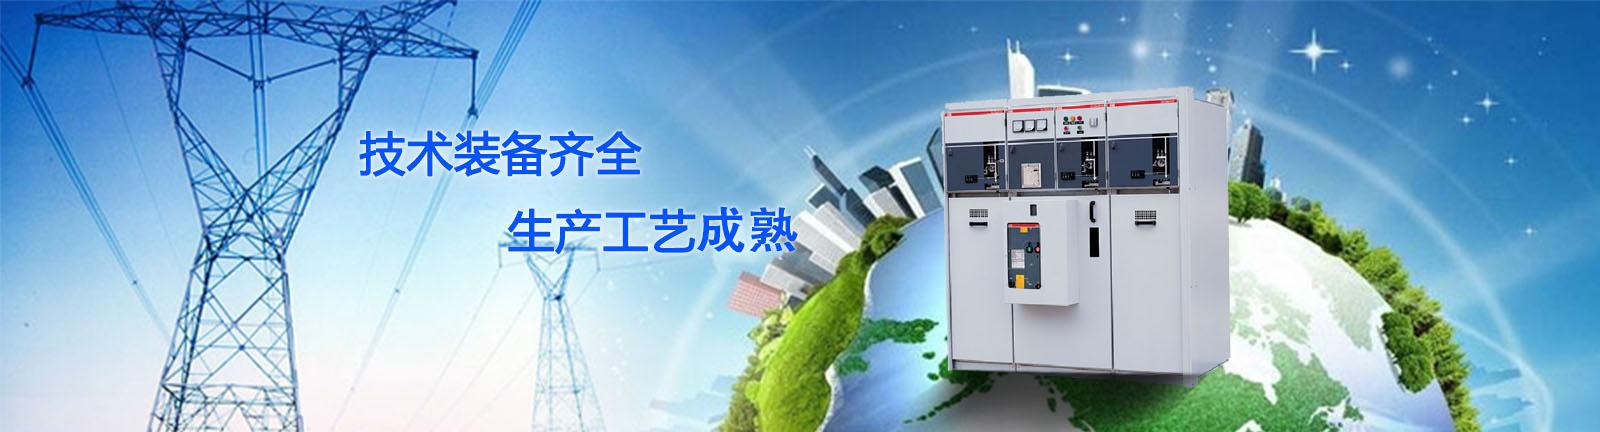 贵州电气工程